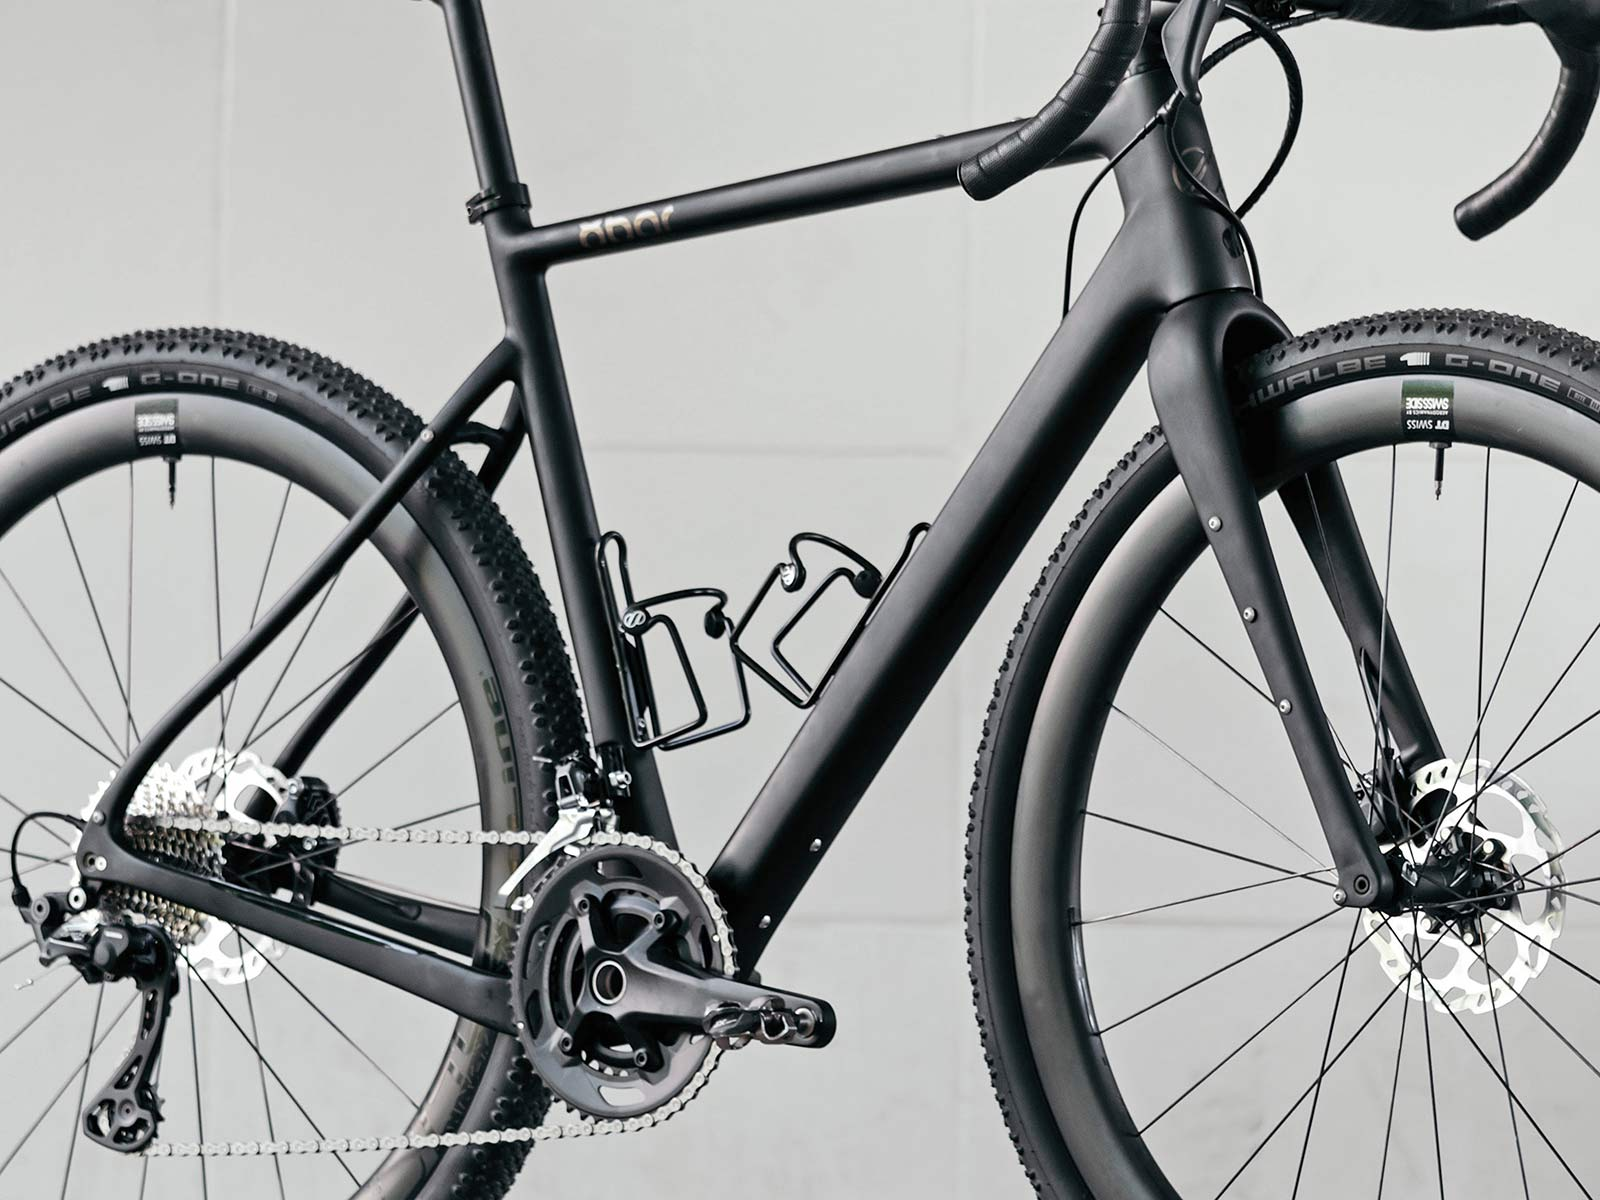 8bar Grunewald Carbon v2 affordable bikepacking adventure gravel bike, photo by Stefan Haehnel,angled detail